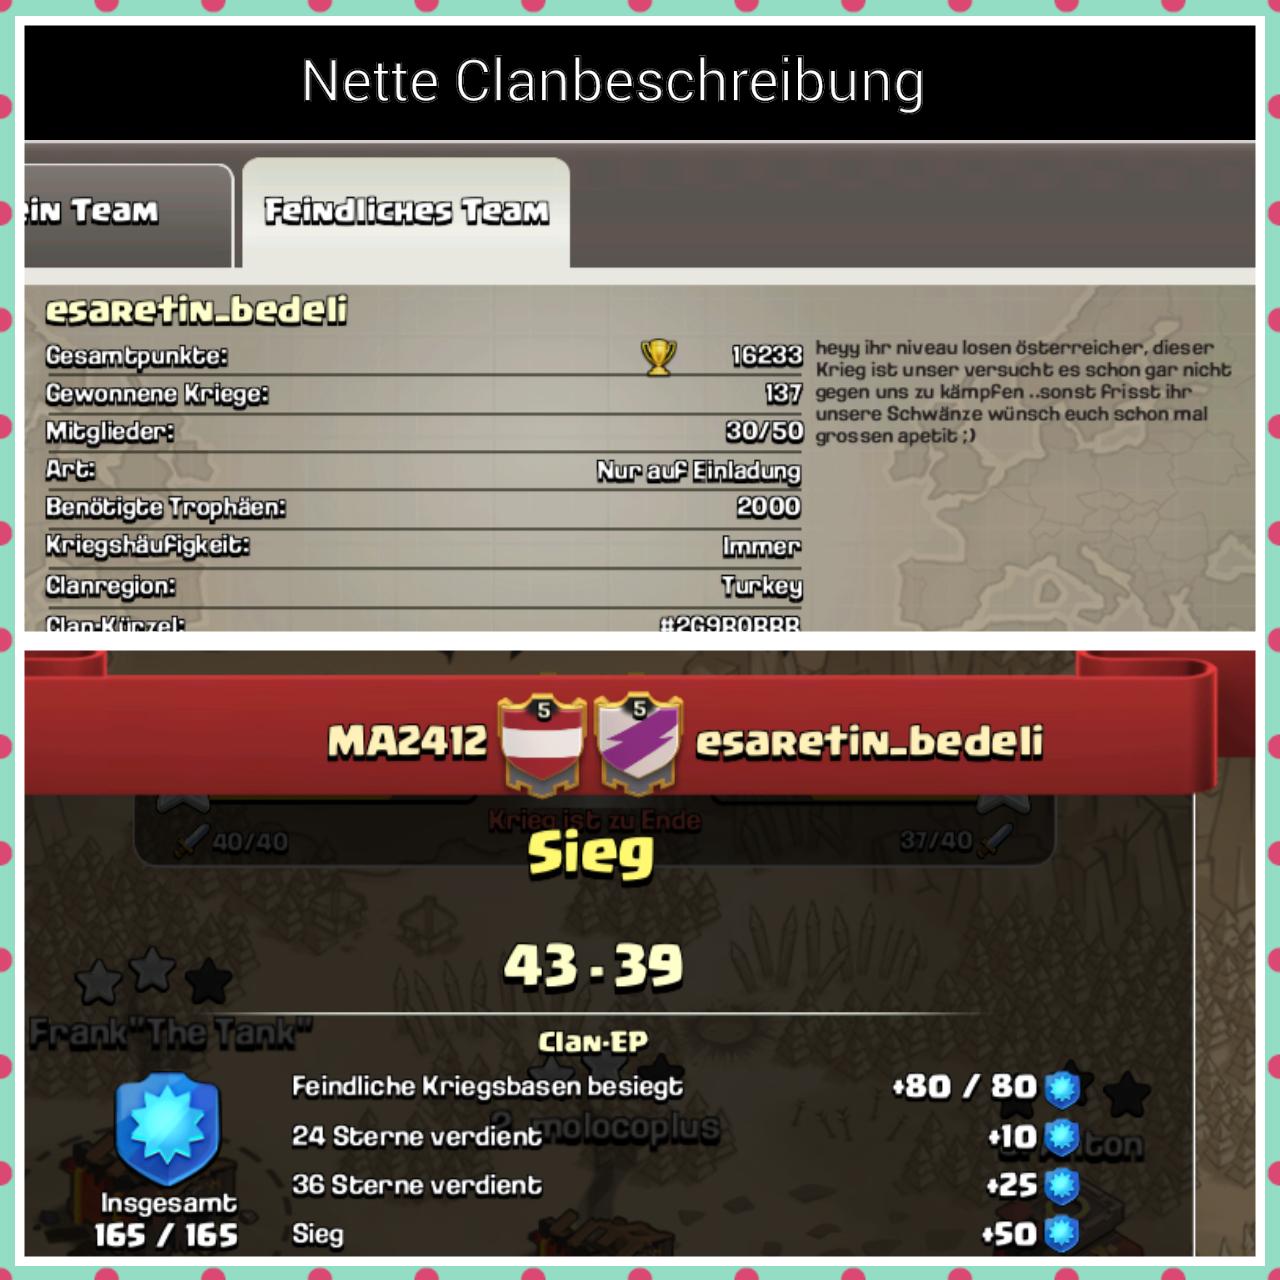 Nette Clanbeschreibung Vom Clan Esaretin Bedeli Best Of Screenshots Deutsches Clash Of Clans Forum